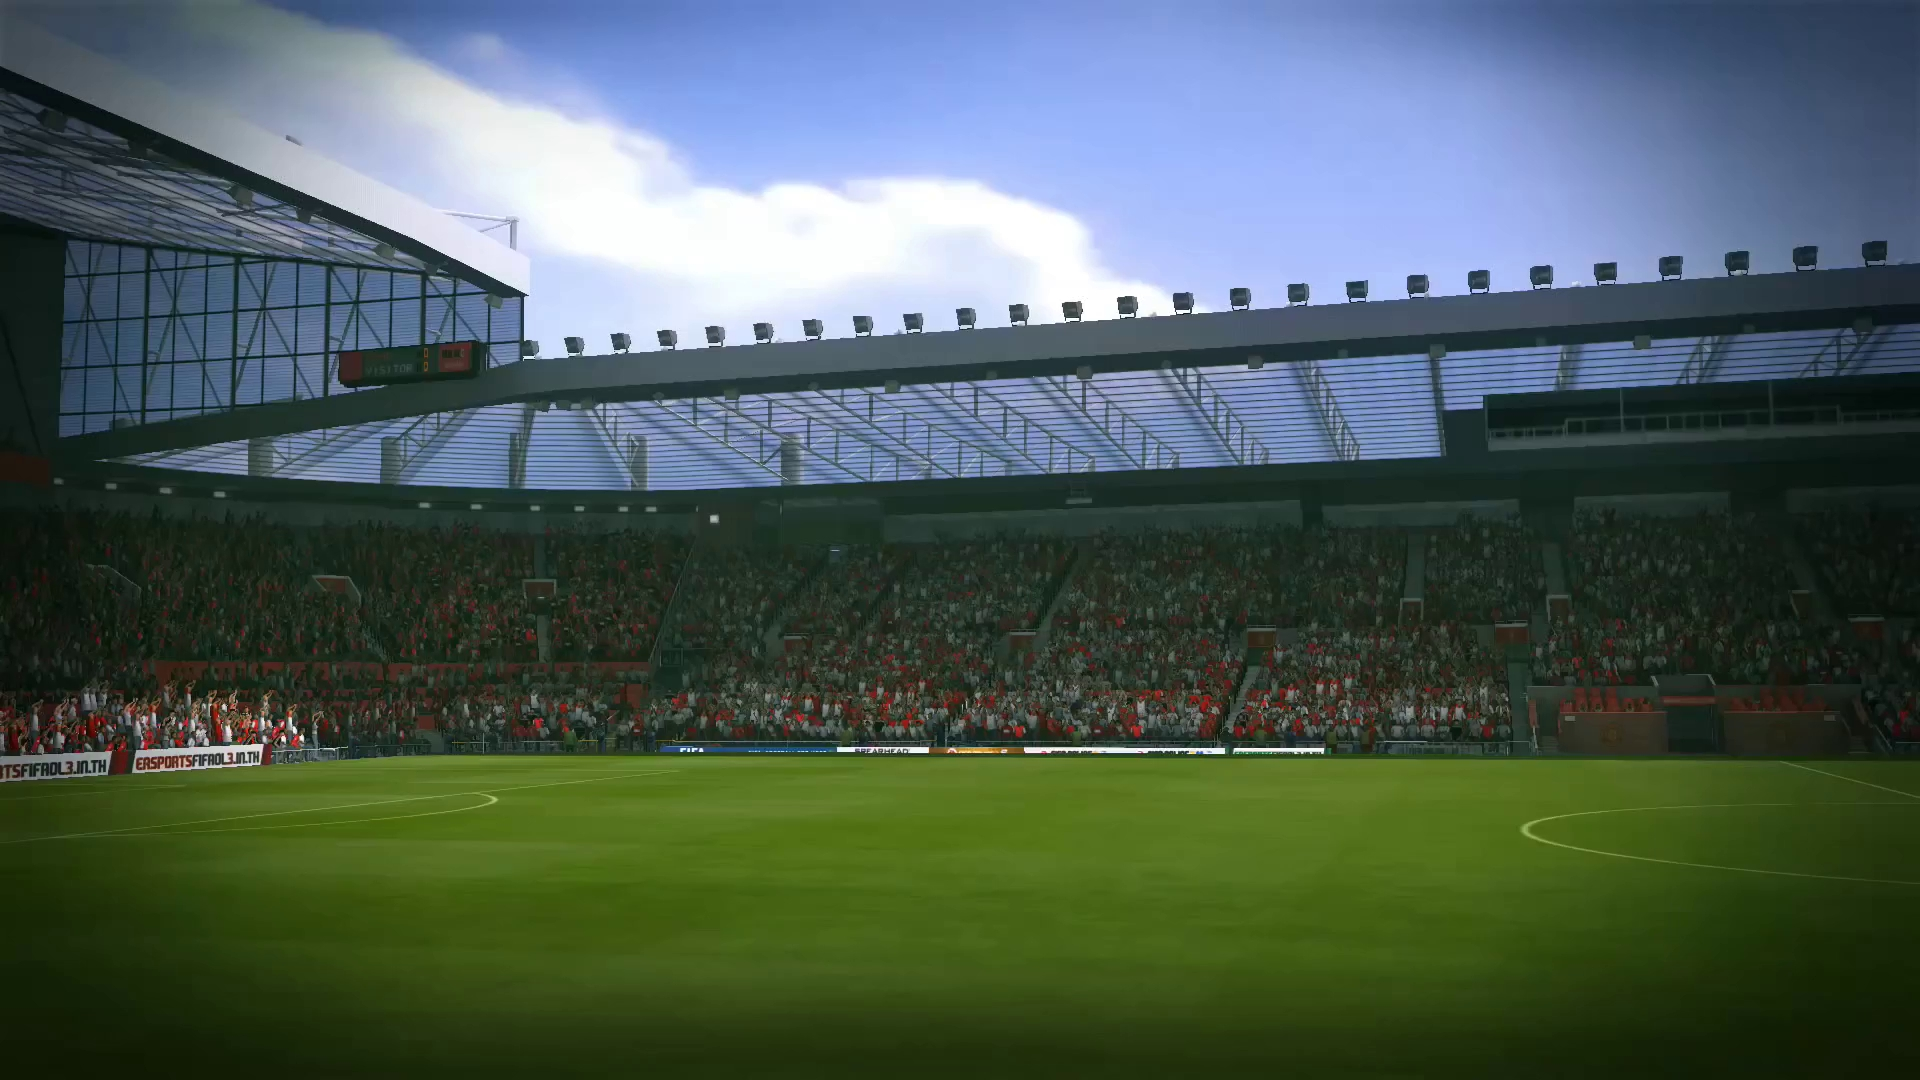 Leo rank trong FIFA Online 3 dễ dàng với sơ đồ 4-1-3-2